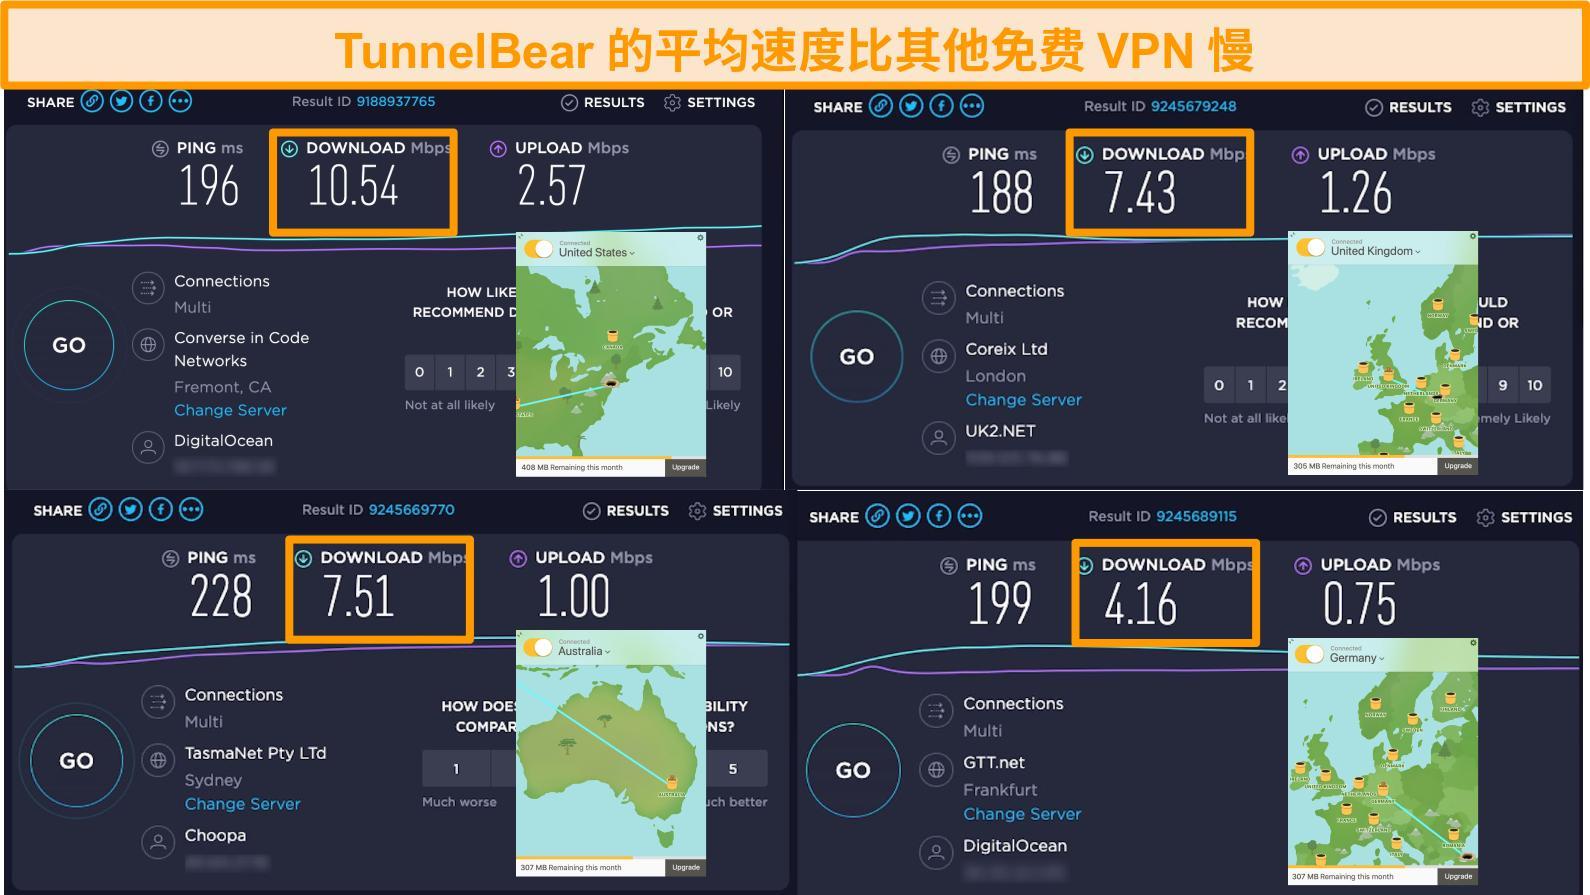 在德国,英国,美国和澳大利亚的TunnelBear服务器的屏幕截图以及速度测试结果